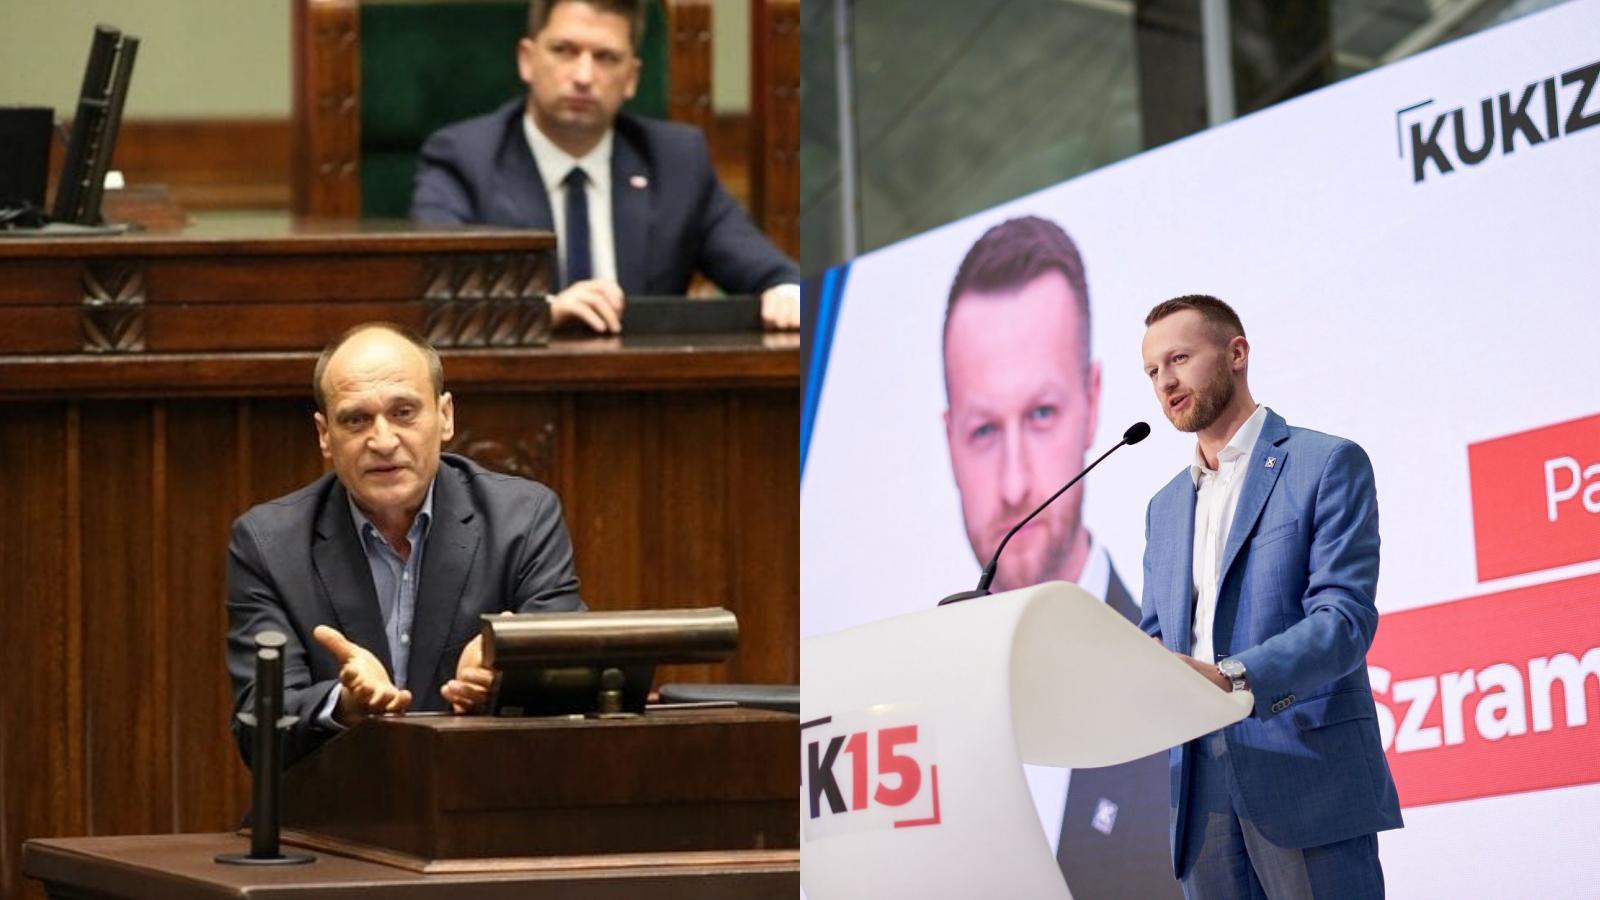 """Były współpracownik Kukiza ujawnia: """"Już w tamtej kadencji chciał współpracować z Kaczyńskim"""""""